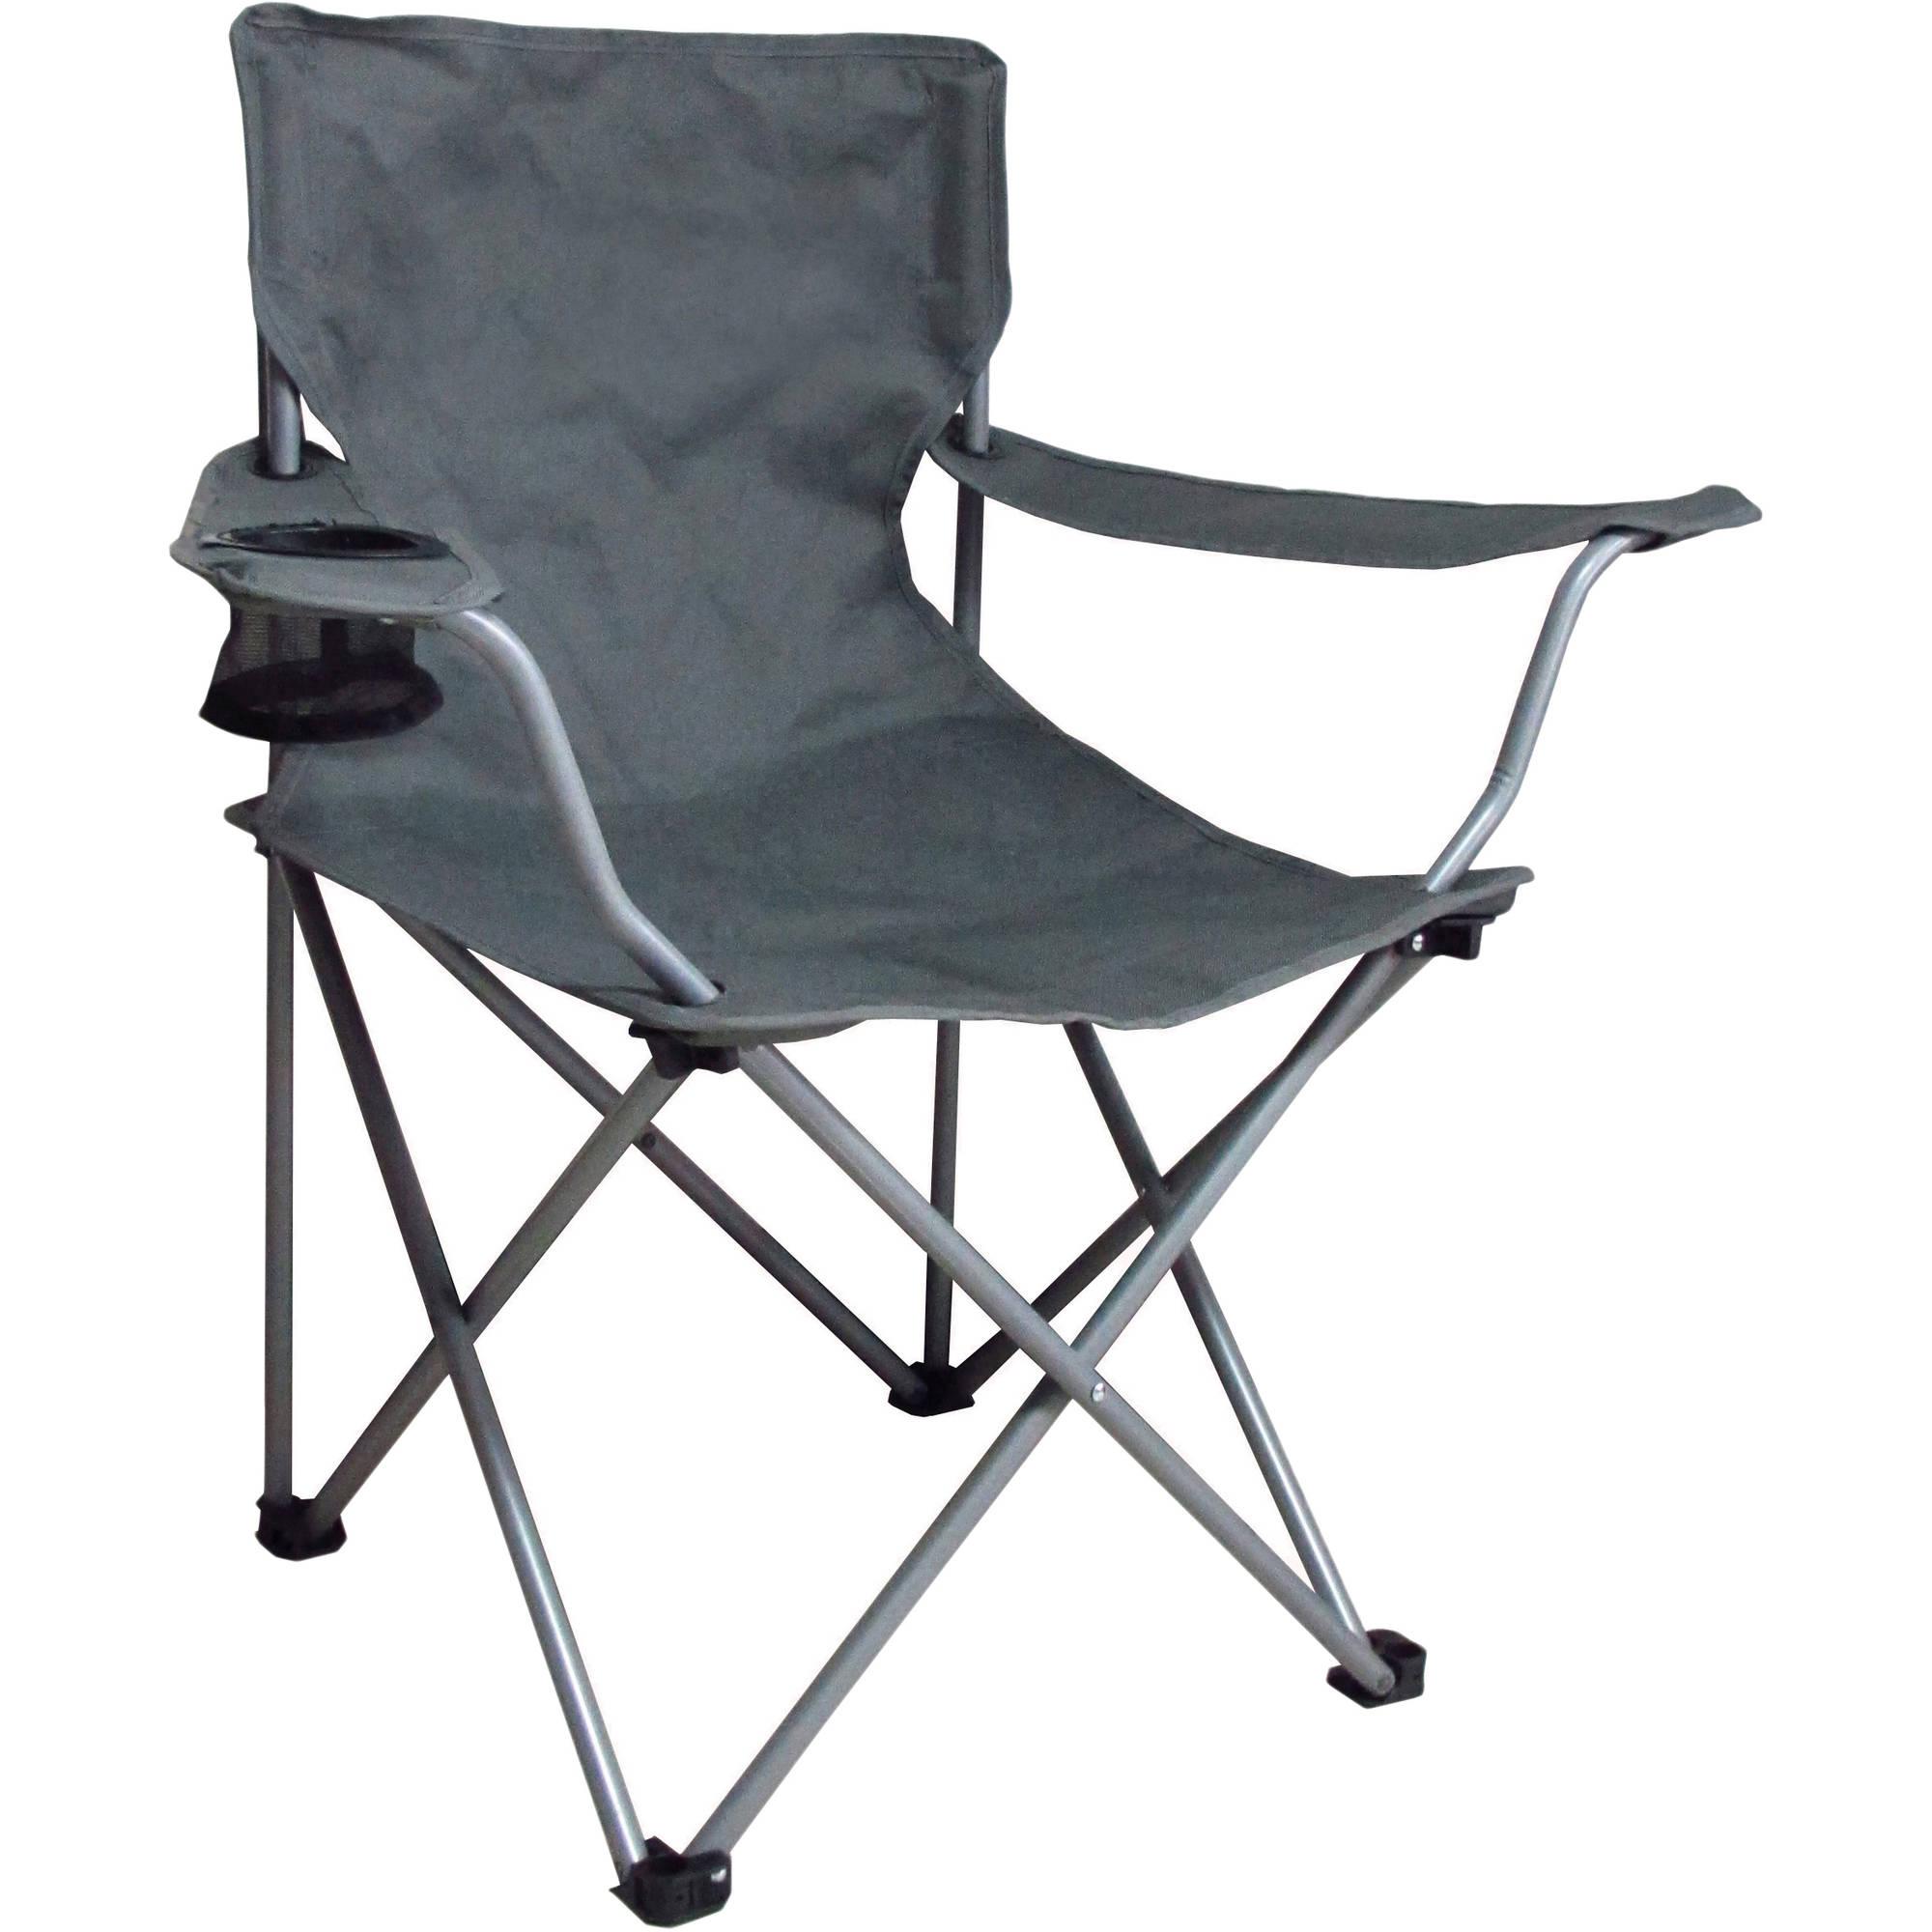 beach u0026 lawn chairs - walmart.com FJCUQLQ